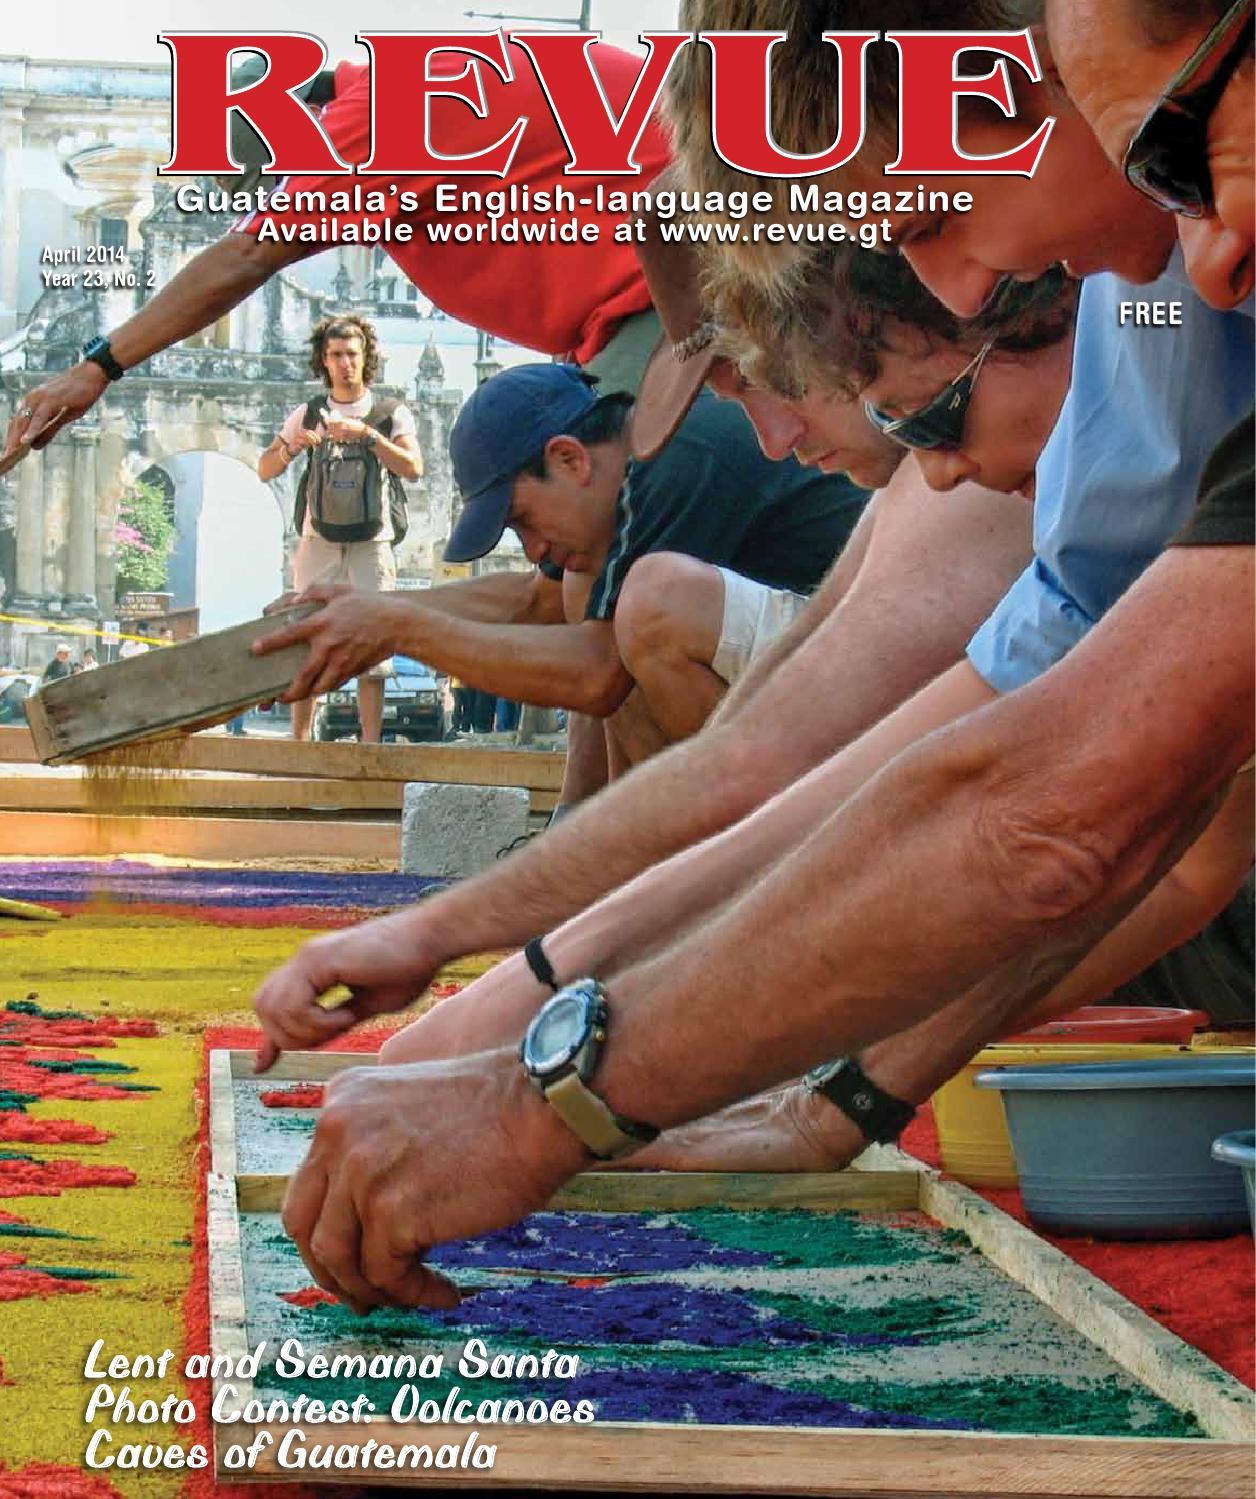 Ana Rosa Quintana Feet revue 2014-04revue magazine - issuu